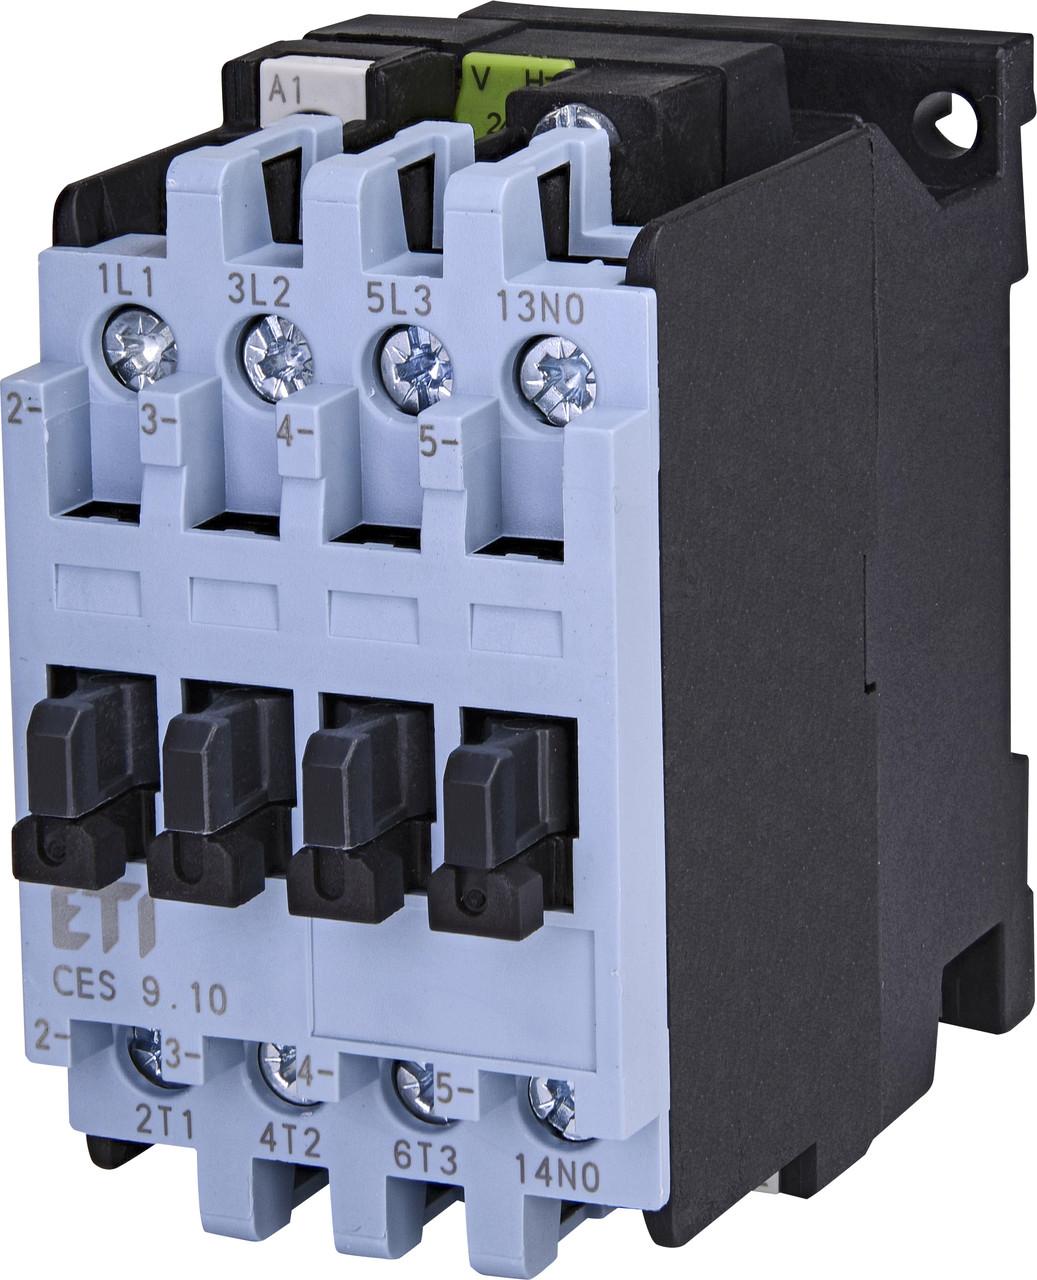 Контактор силовой ETI CES 9.10 9А 24V AC 3NO+1NO 4kW 4646510 (на DIN-рейку, 25A AC1, 9A AC3)